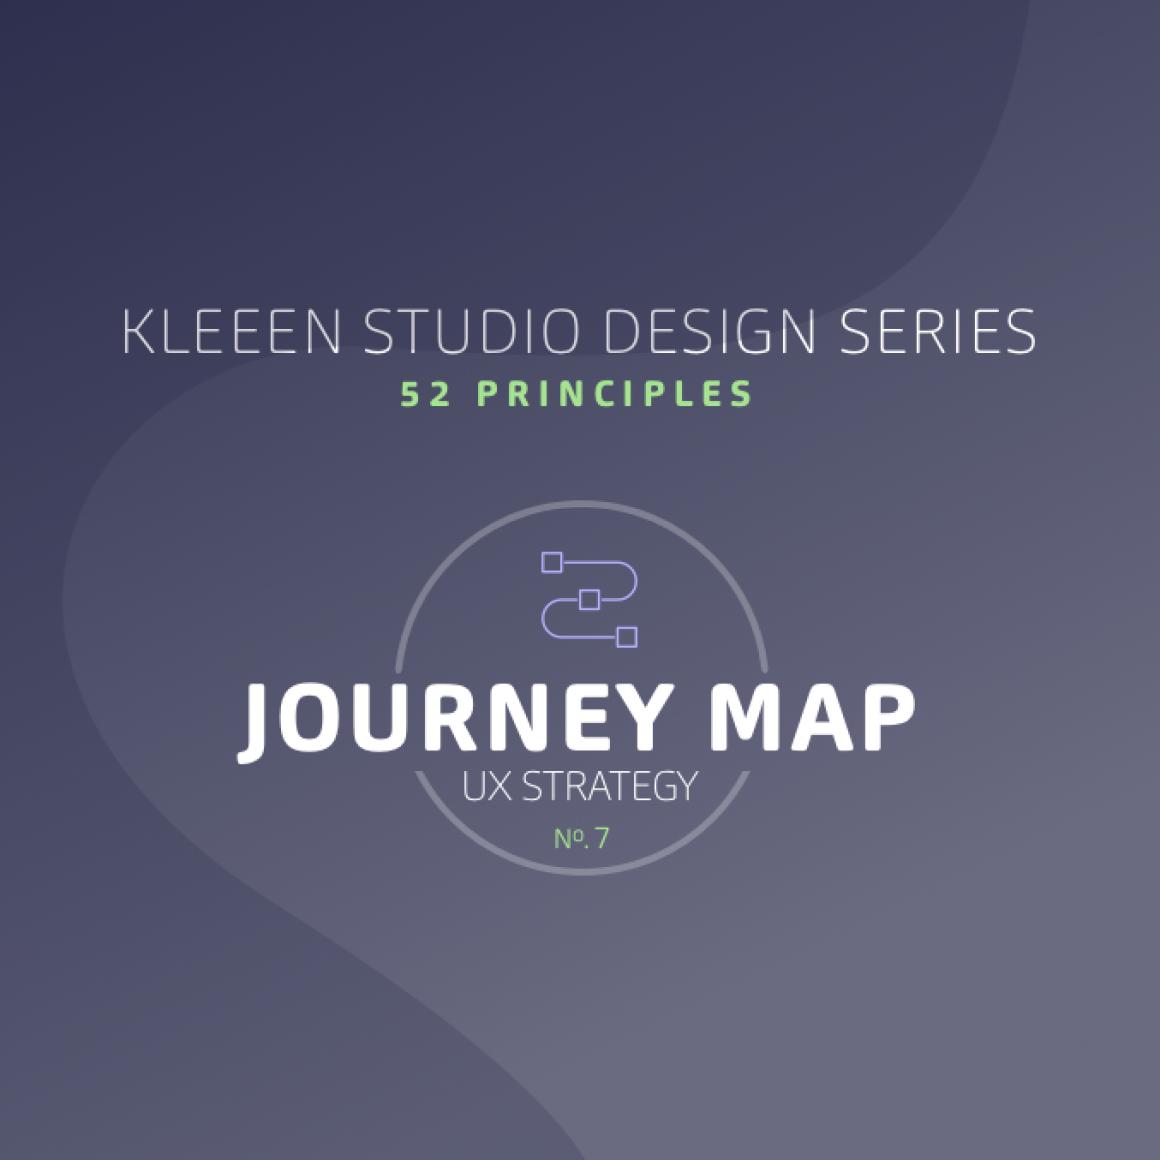 UXSTRATEGY-journeymap